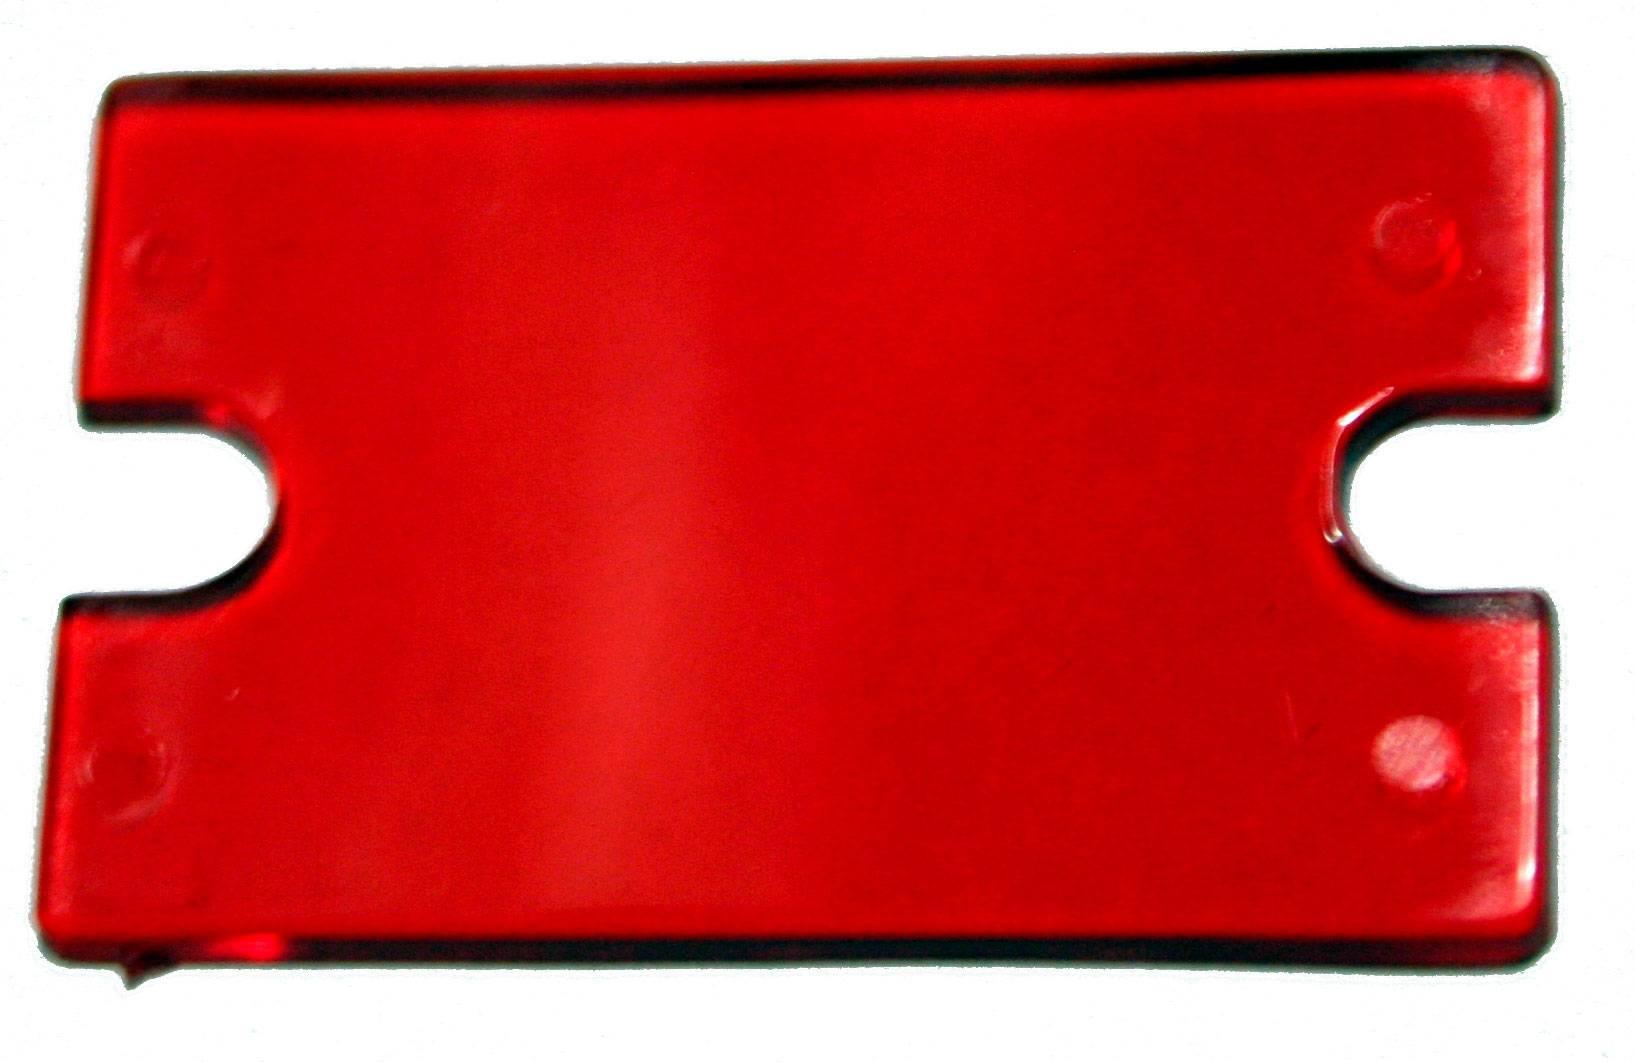 Filtračná podložka Strapubox FS 21 Rot, červená